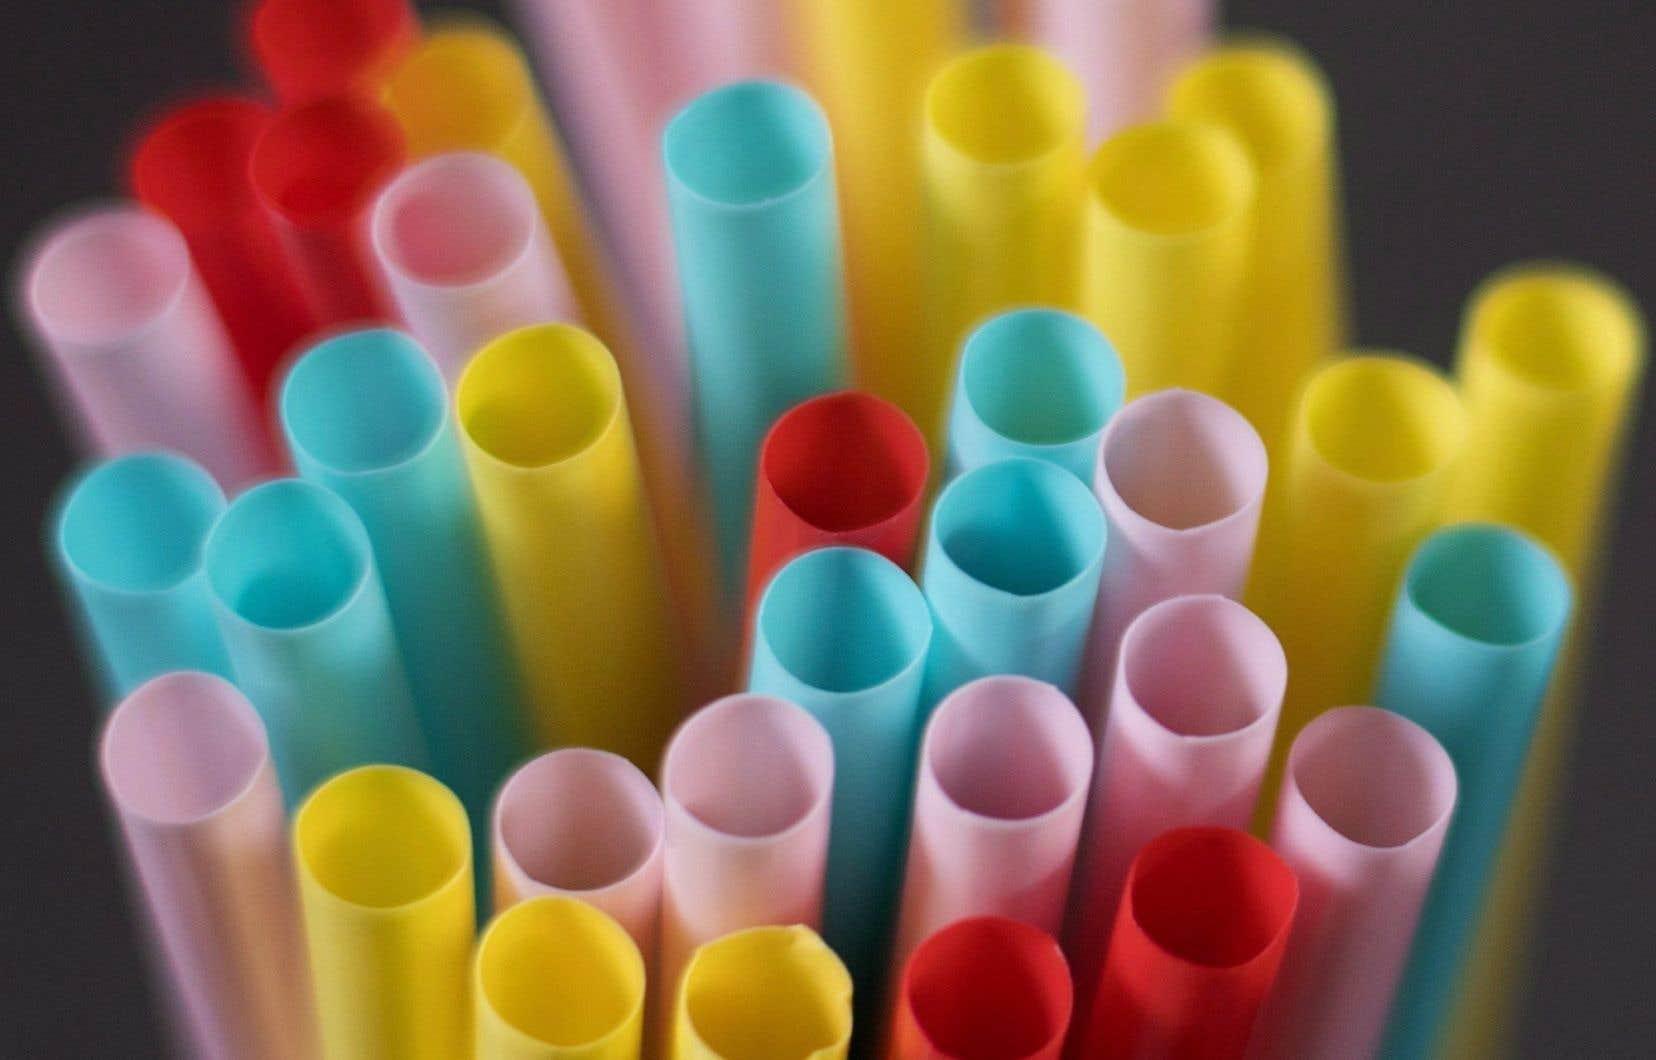 La prolifération des articles en plastique à usage unique, comme les bouteilles d'eau, les pailles et les emballages alimentaires, provoque un désastre écologique.